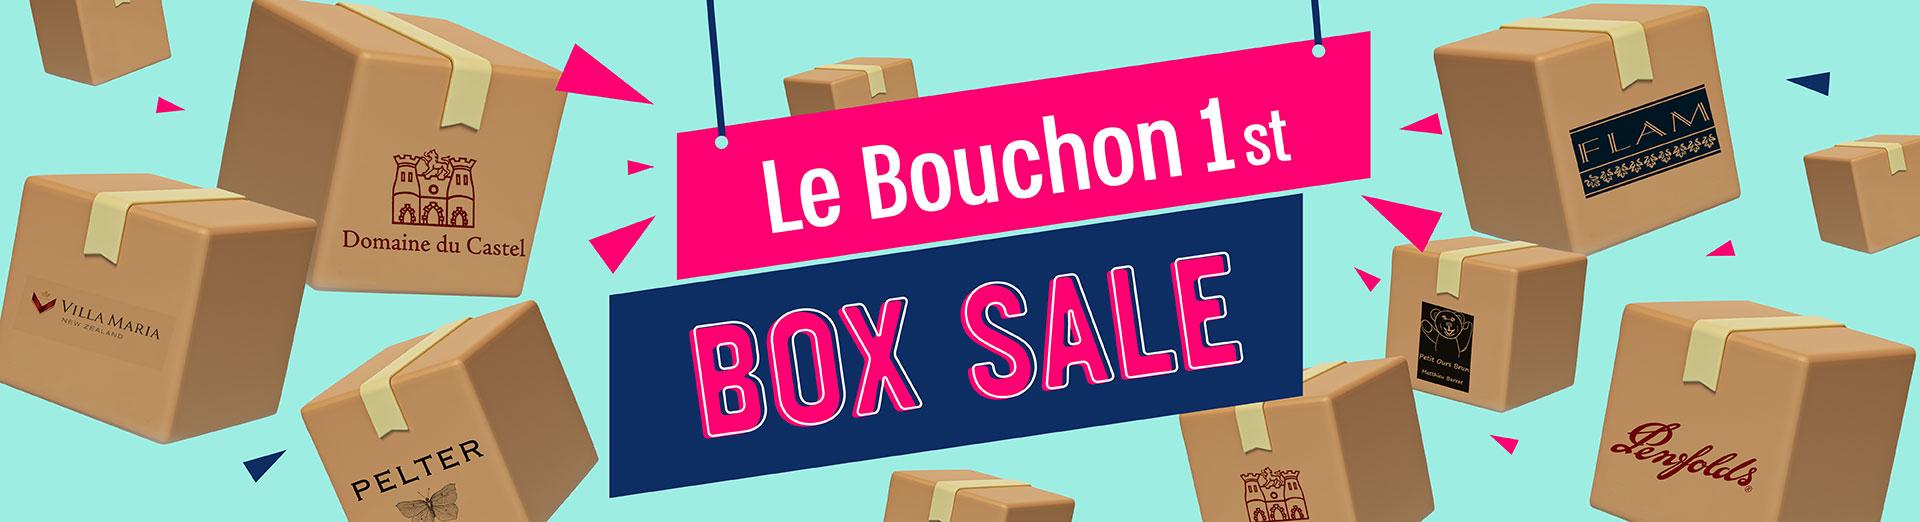 box-sale-cover_post